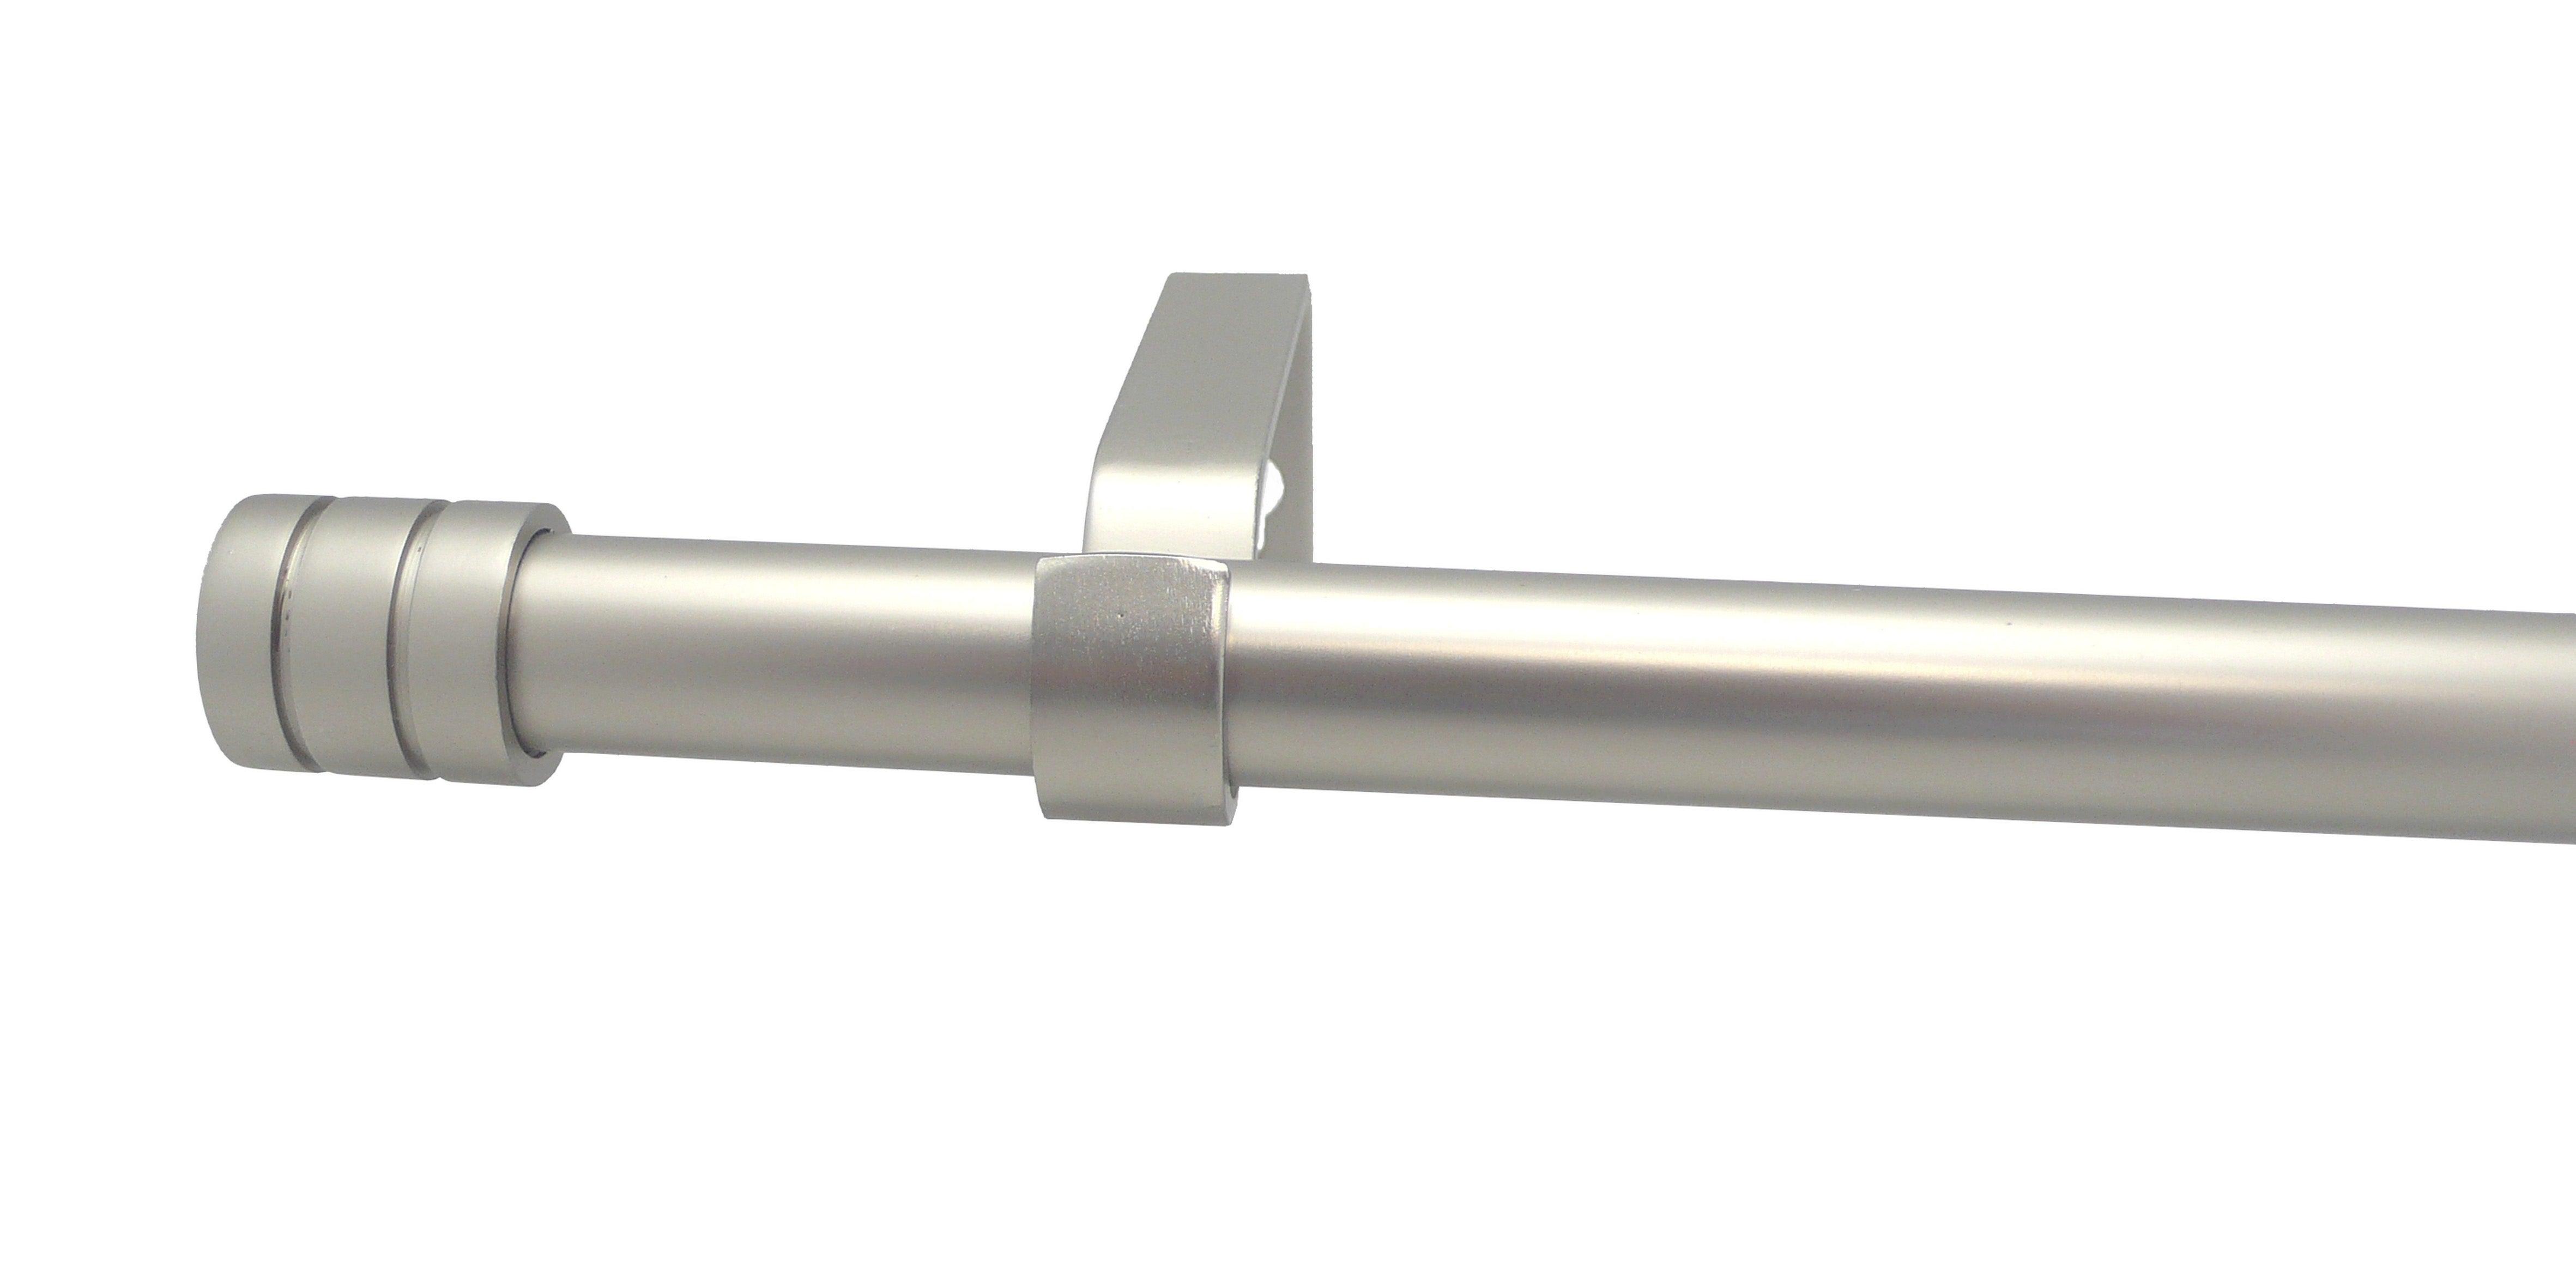 Branche Blanche // 110-210cm Miroir Poli D/écoration Robuste pour Votre fen/être Facile /à Installer Longueur r/églable Gcurtain Kit Tringle /à Rideau Double Diam/ètre 16-19mm 44-82 5//8-3//4